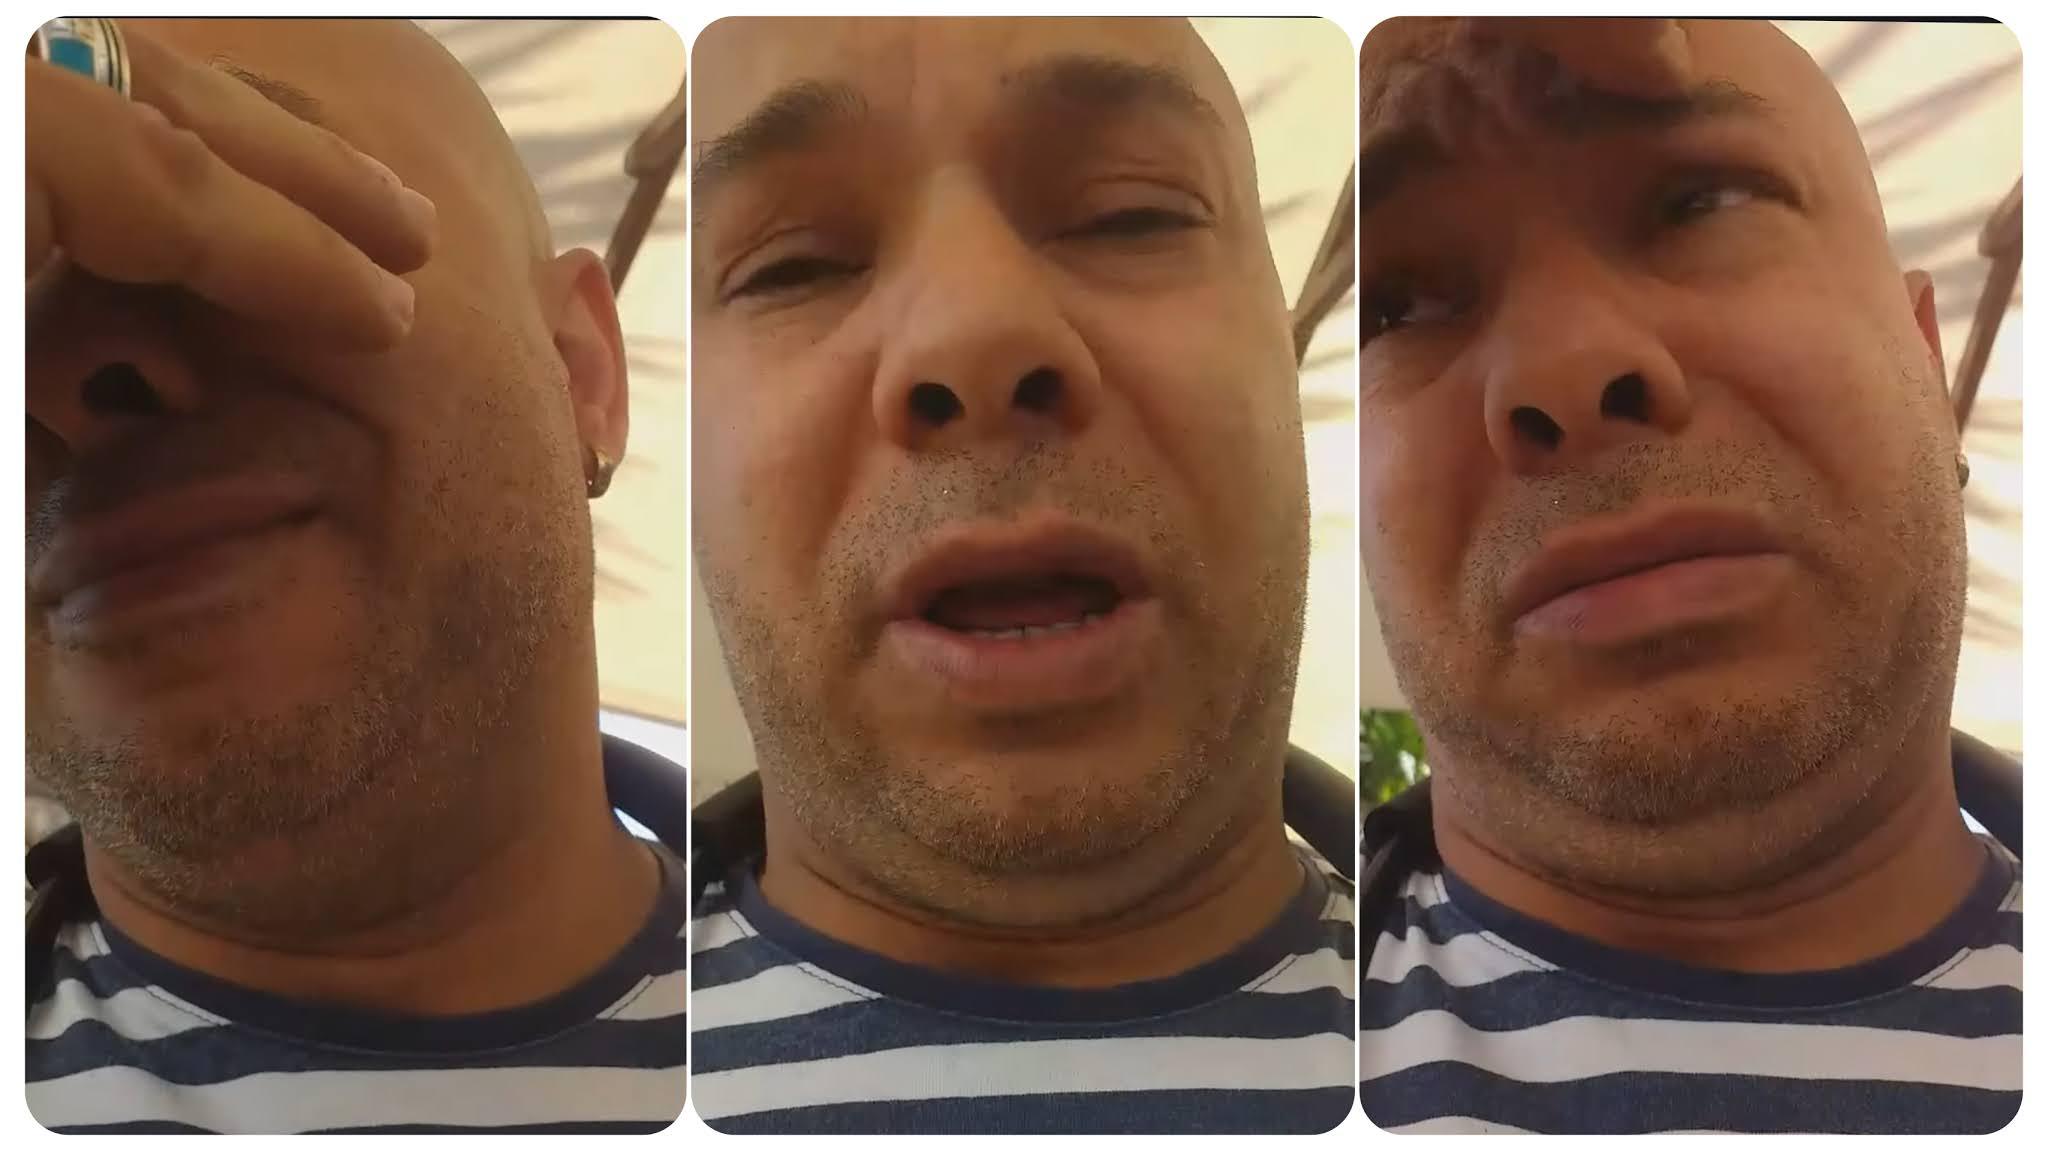 بالفيديو وليد النهدي يبكي على المباشر... و يكشف عن إصابته بمرض خطير و يطلب الاعتذار من هؤلاء؟